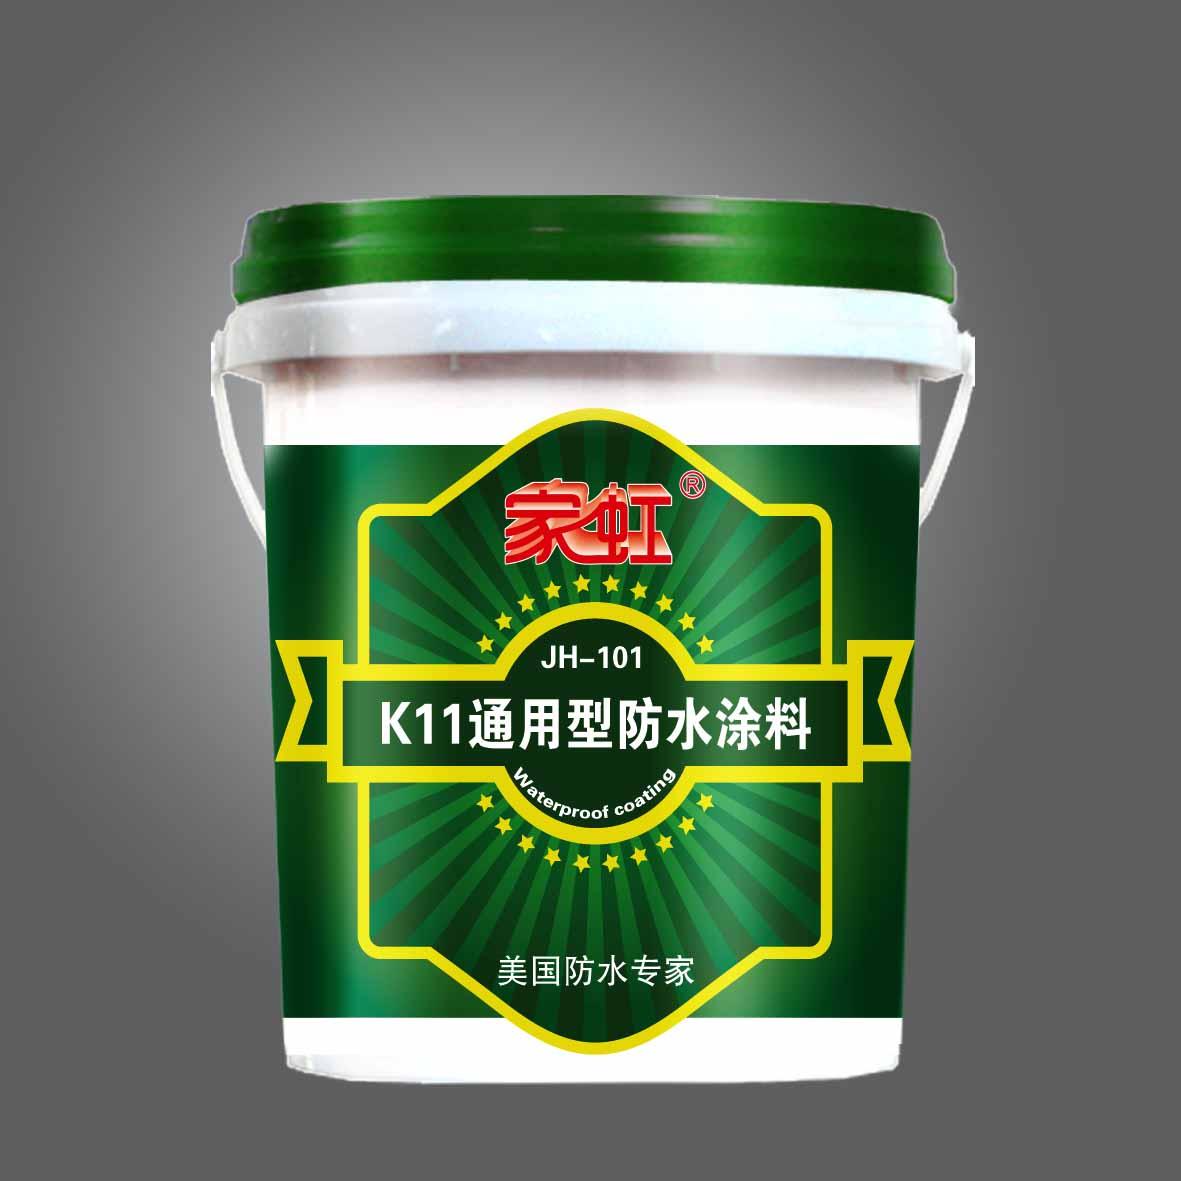 JH-101 家虹K11通用型防水涂料